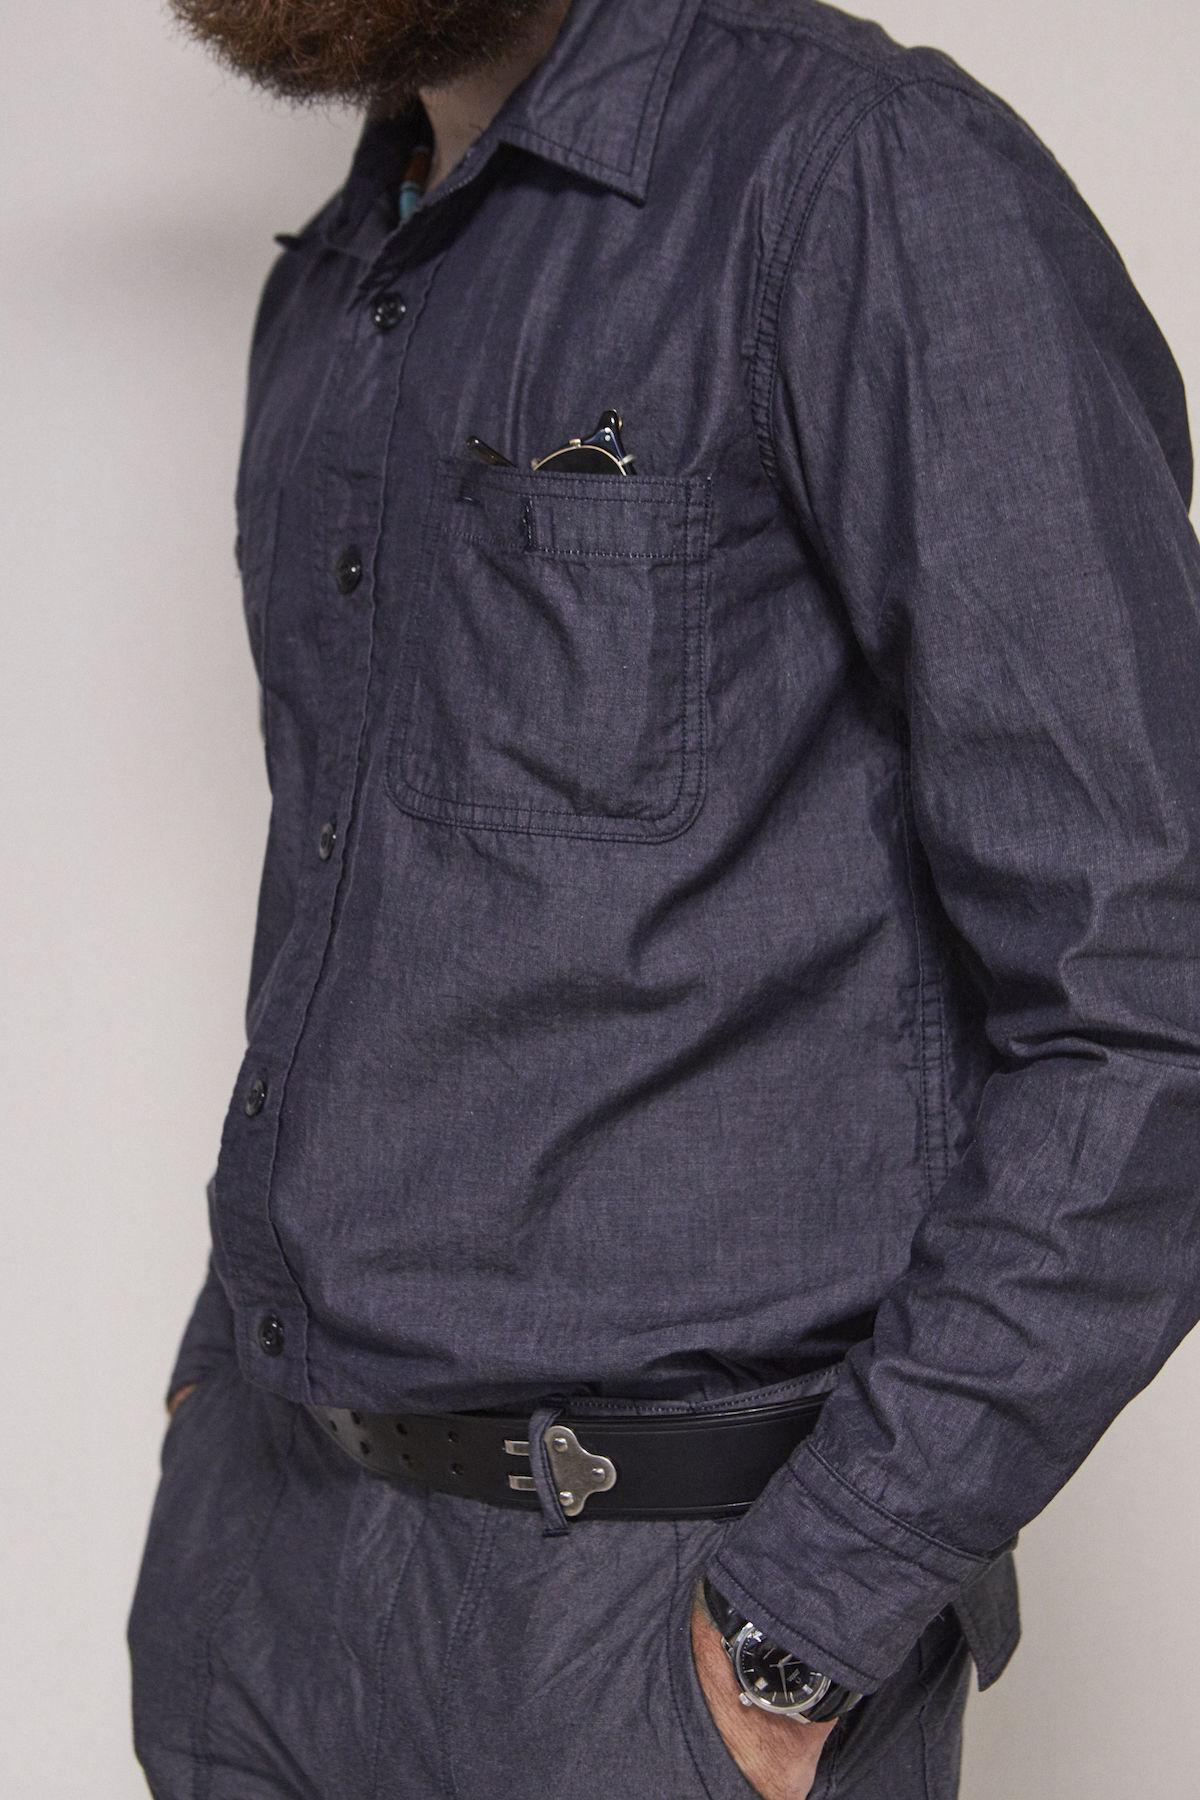 【ルック】ストリートとモード、ビジネスを横断。ブランド「BLANCK」を知ってる?ナノ・ユニバースでポップアップも! fashion180309_blanck11-1200x1800